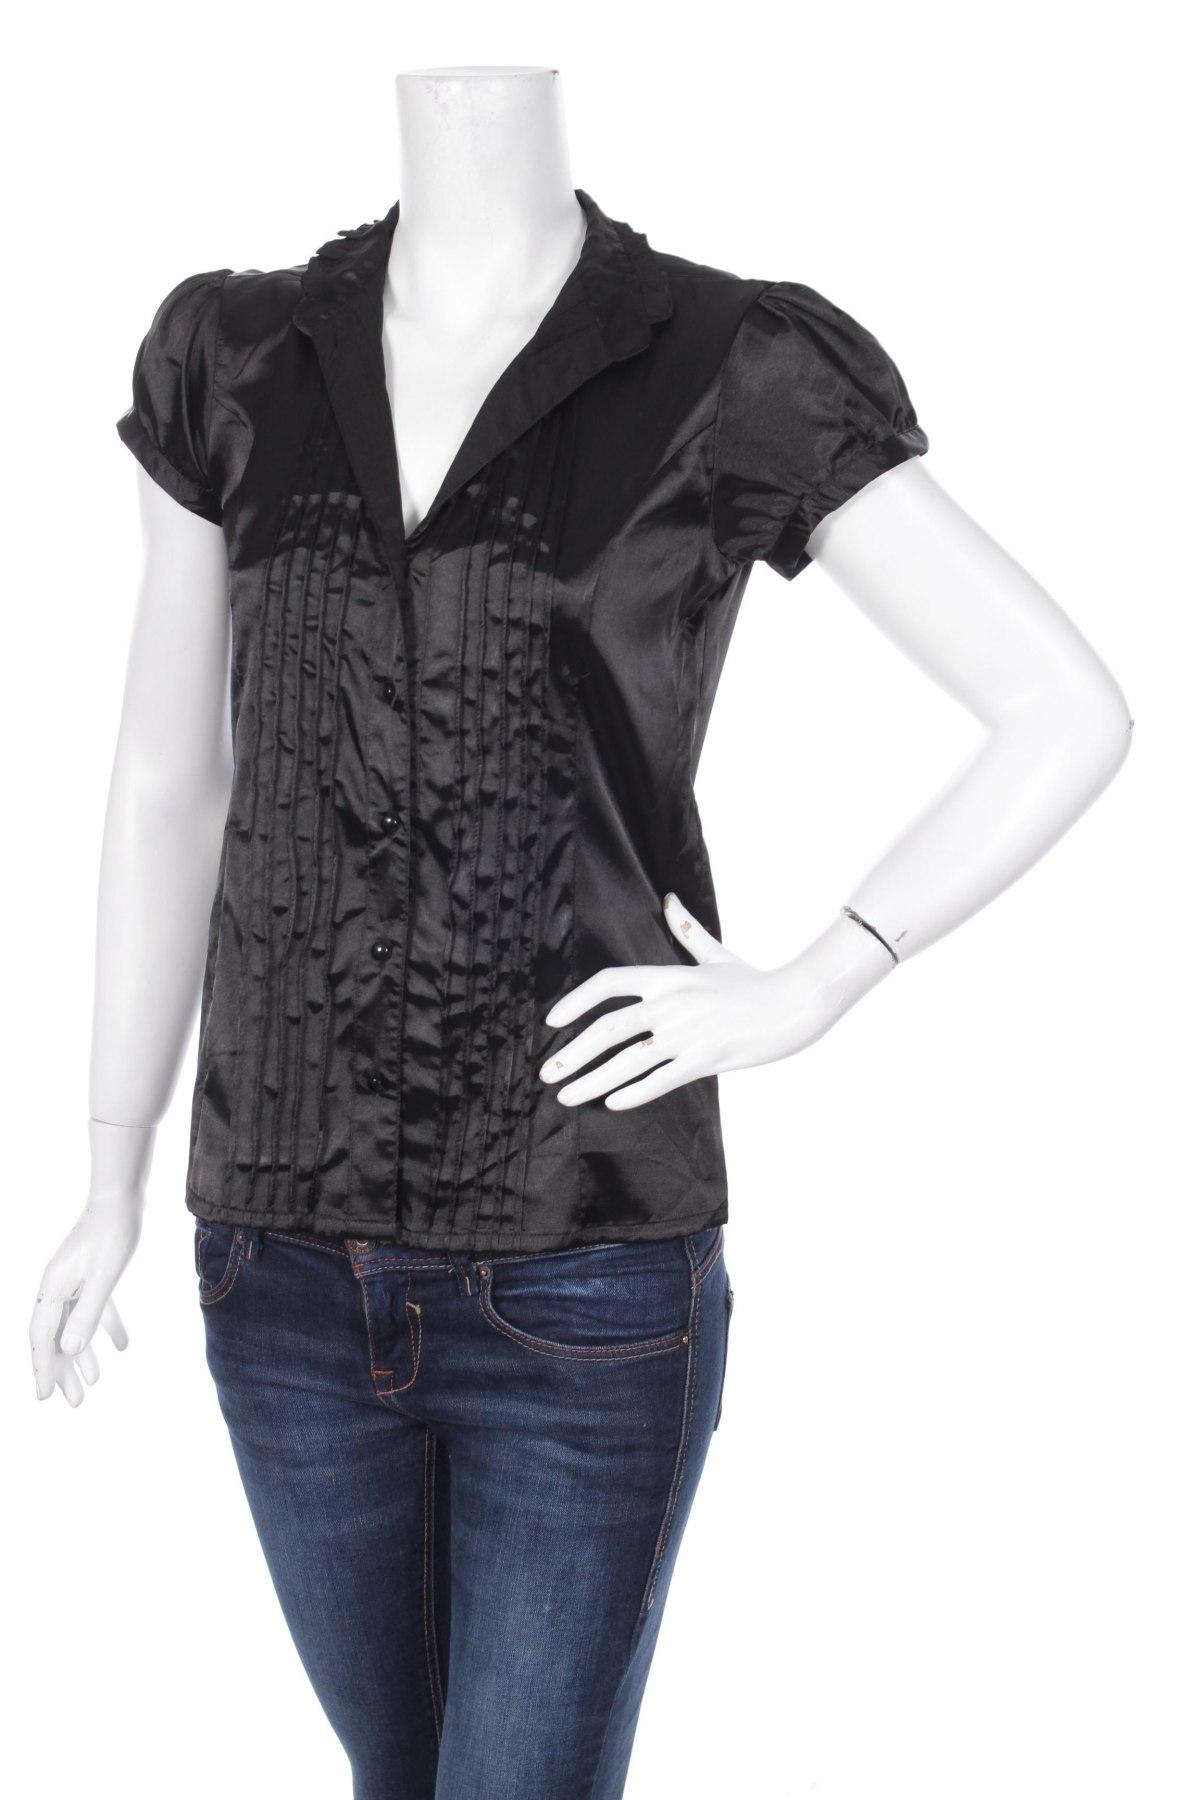 Γυναικείο πουκάμισο Women's Fashion, Μέγεθος M, Χρώμα Μαύρο, 97% πολυεστέρας, 3% ελαστάνη, Τιμή 11,13€